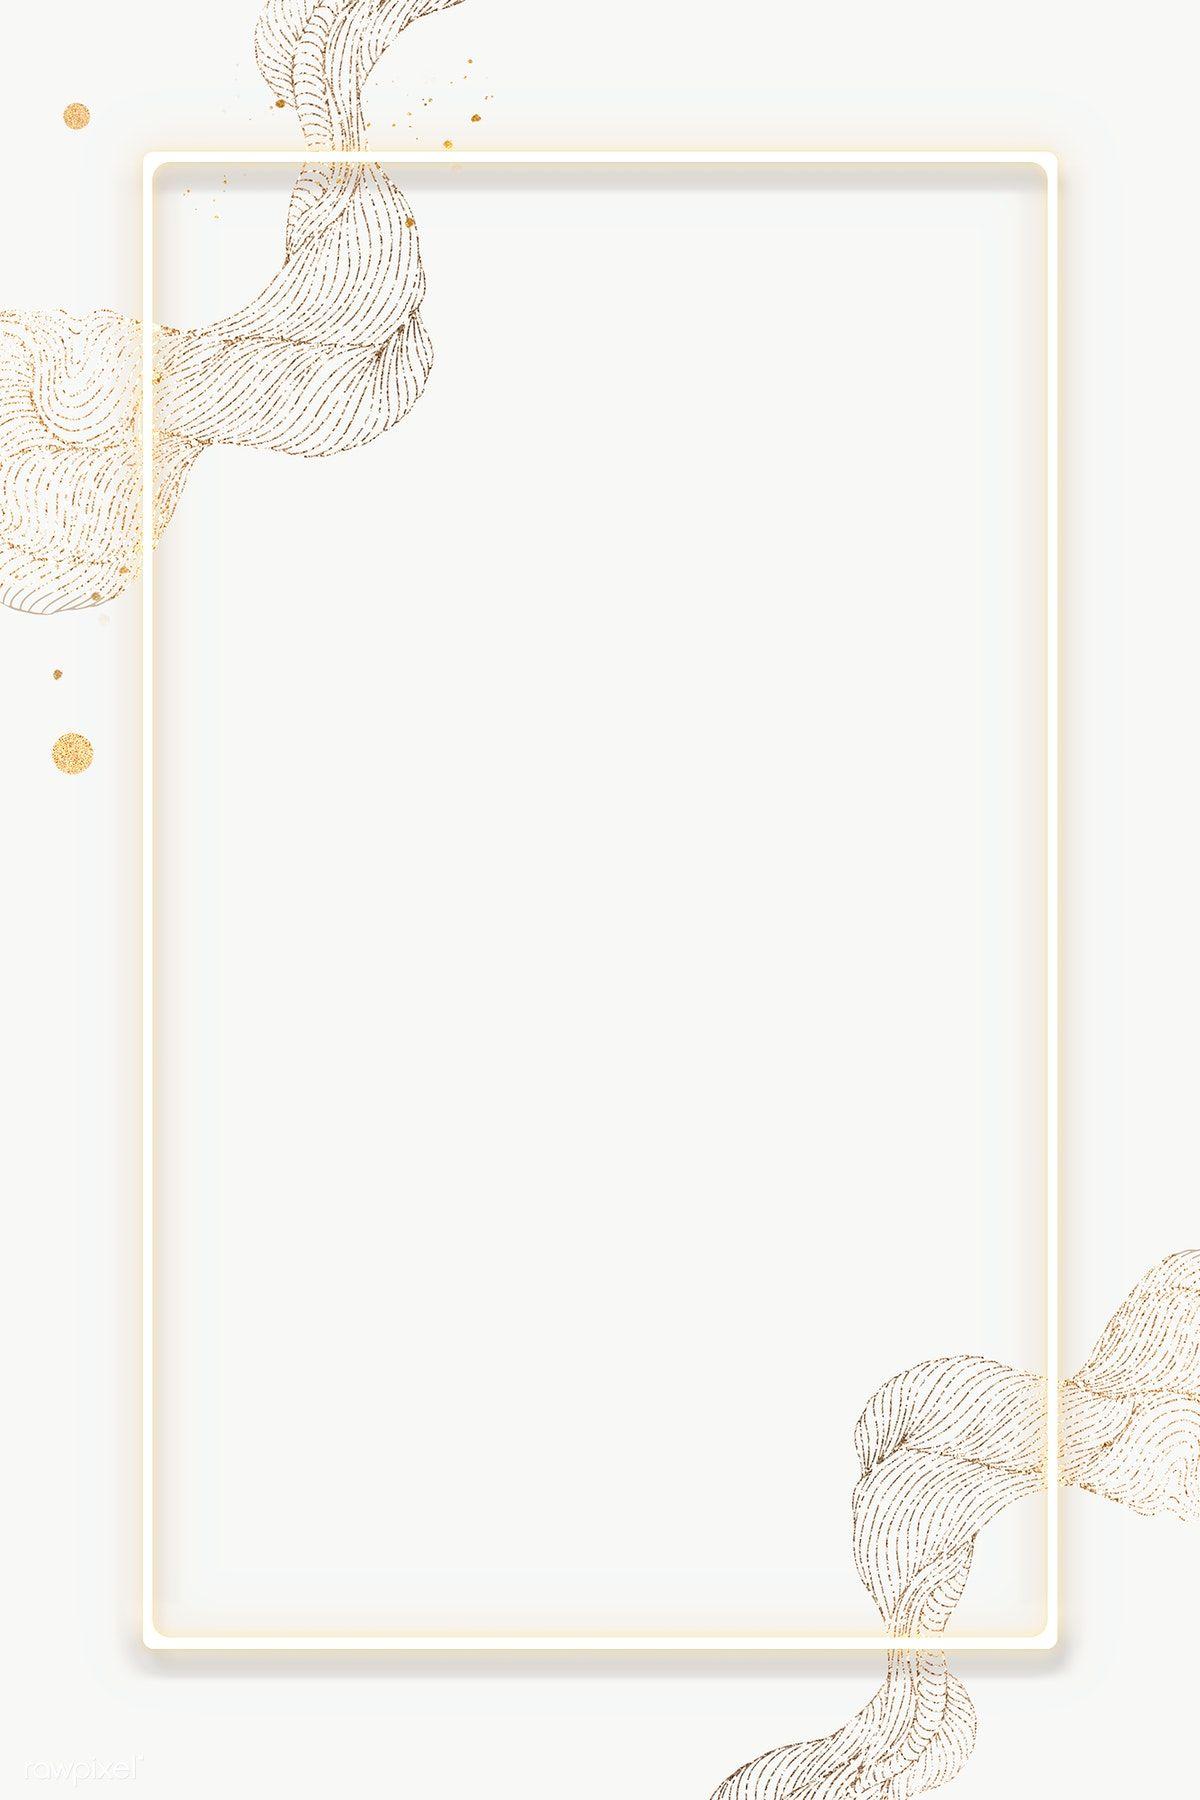 Download Premium Png Of Yellow Rectangle Frame Transparent Png 2027385 In 2020 Frame Border Design Floral Border Design Flower Background Wallpaper